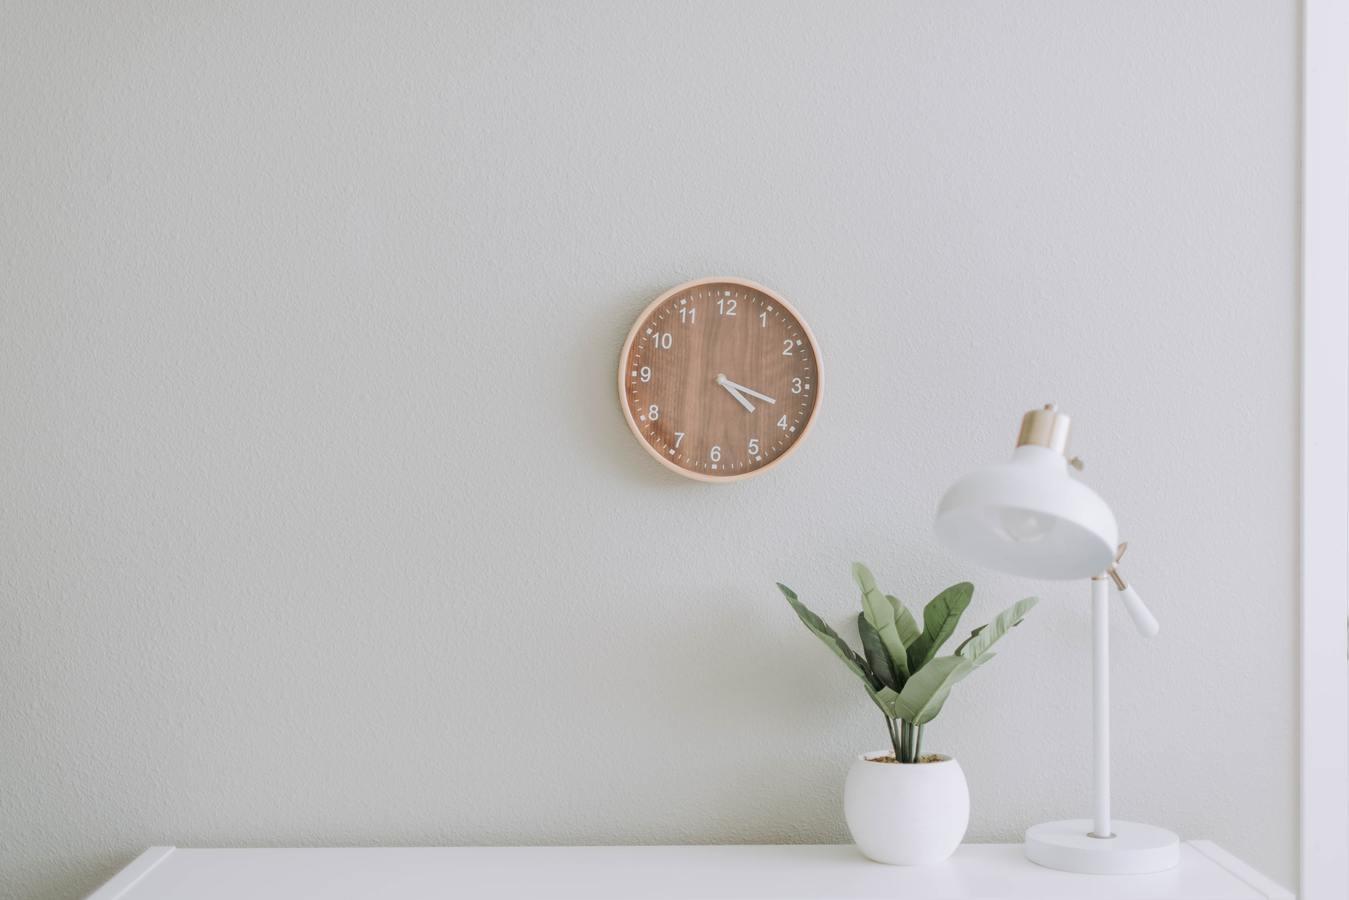 đèn bàn chậu hoa màu trắng cùng đồng hồ màu nâu